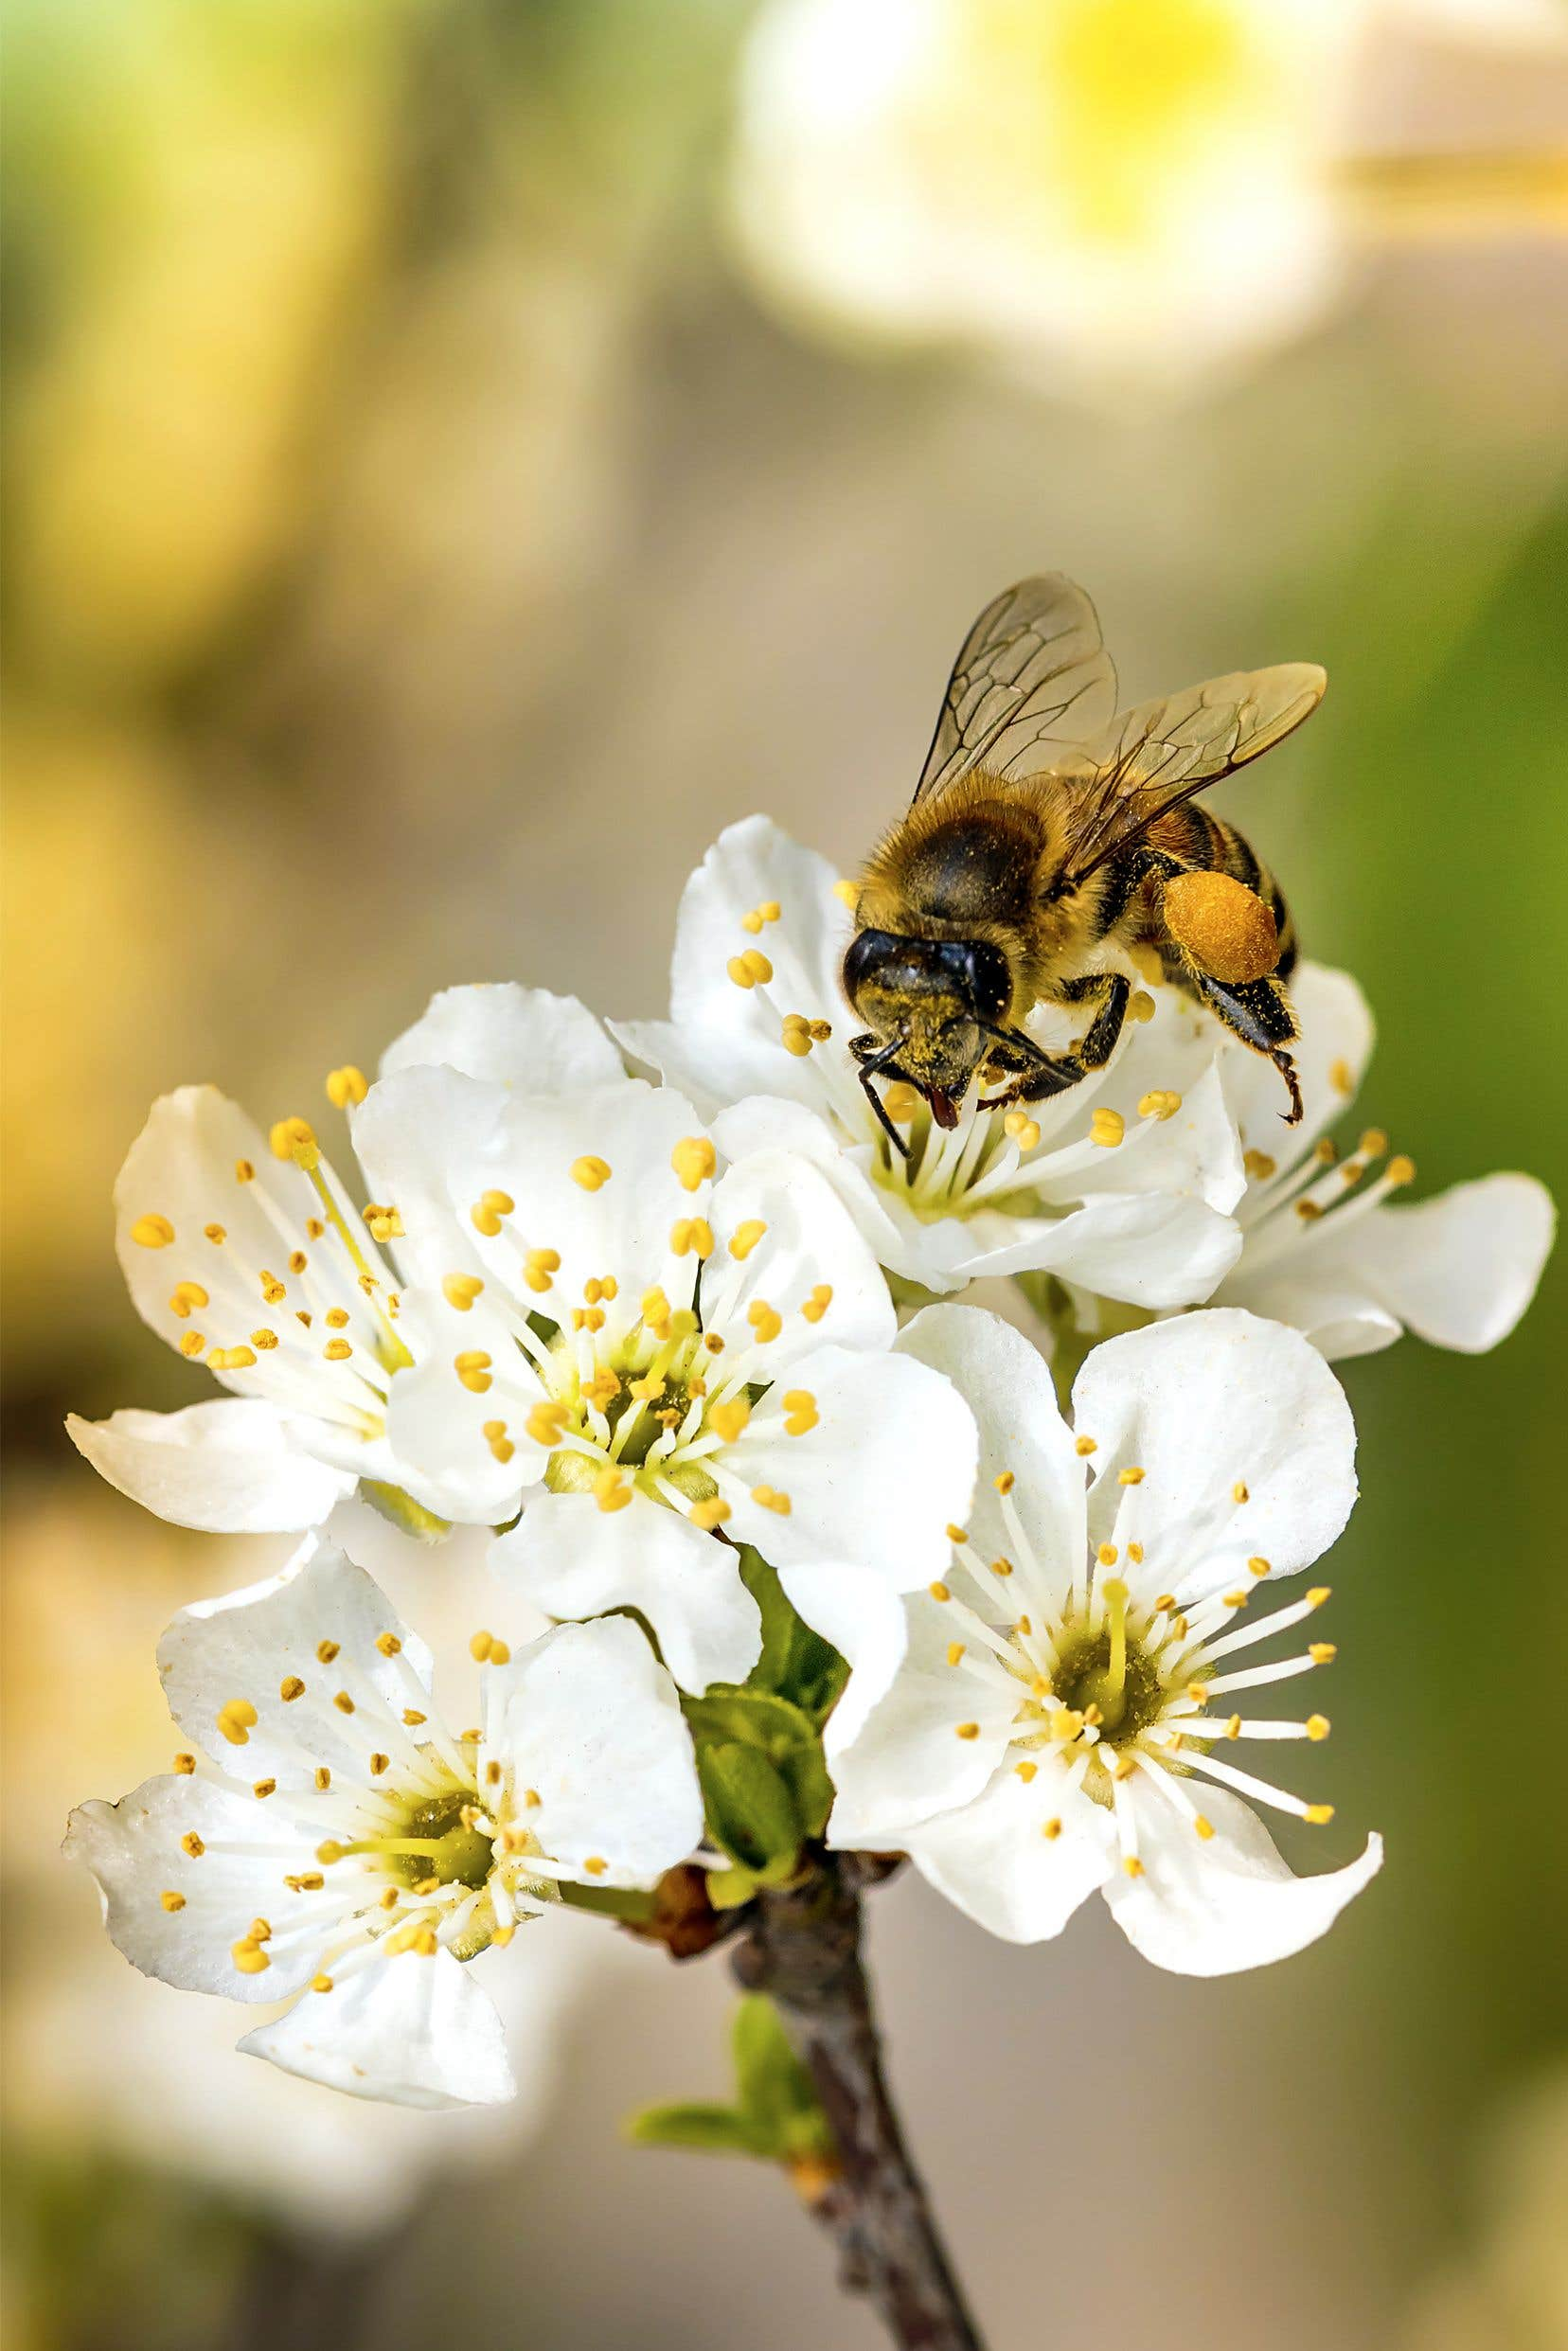 Le président du conseil d'administration du CEROM, Christian Overbeek, a déjà pris publiquement position en faveur de l'utilisation des néonicotinoïdes, des pesticides «tueurs d'abeilles».